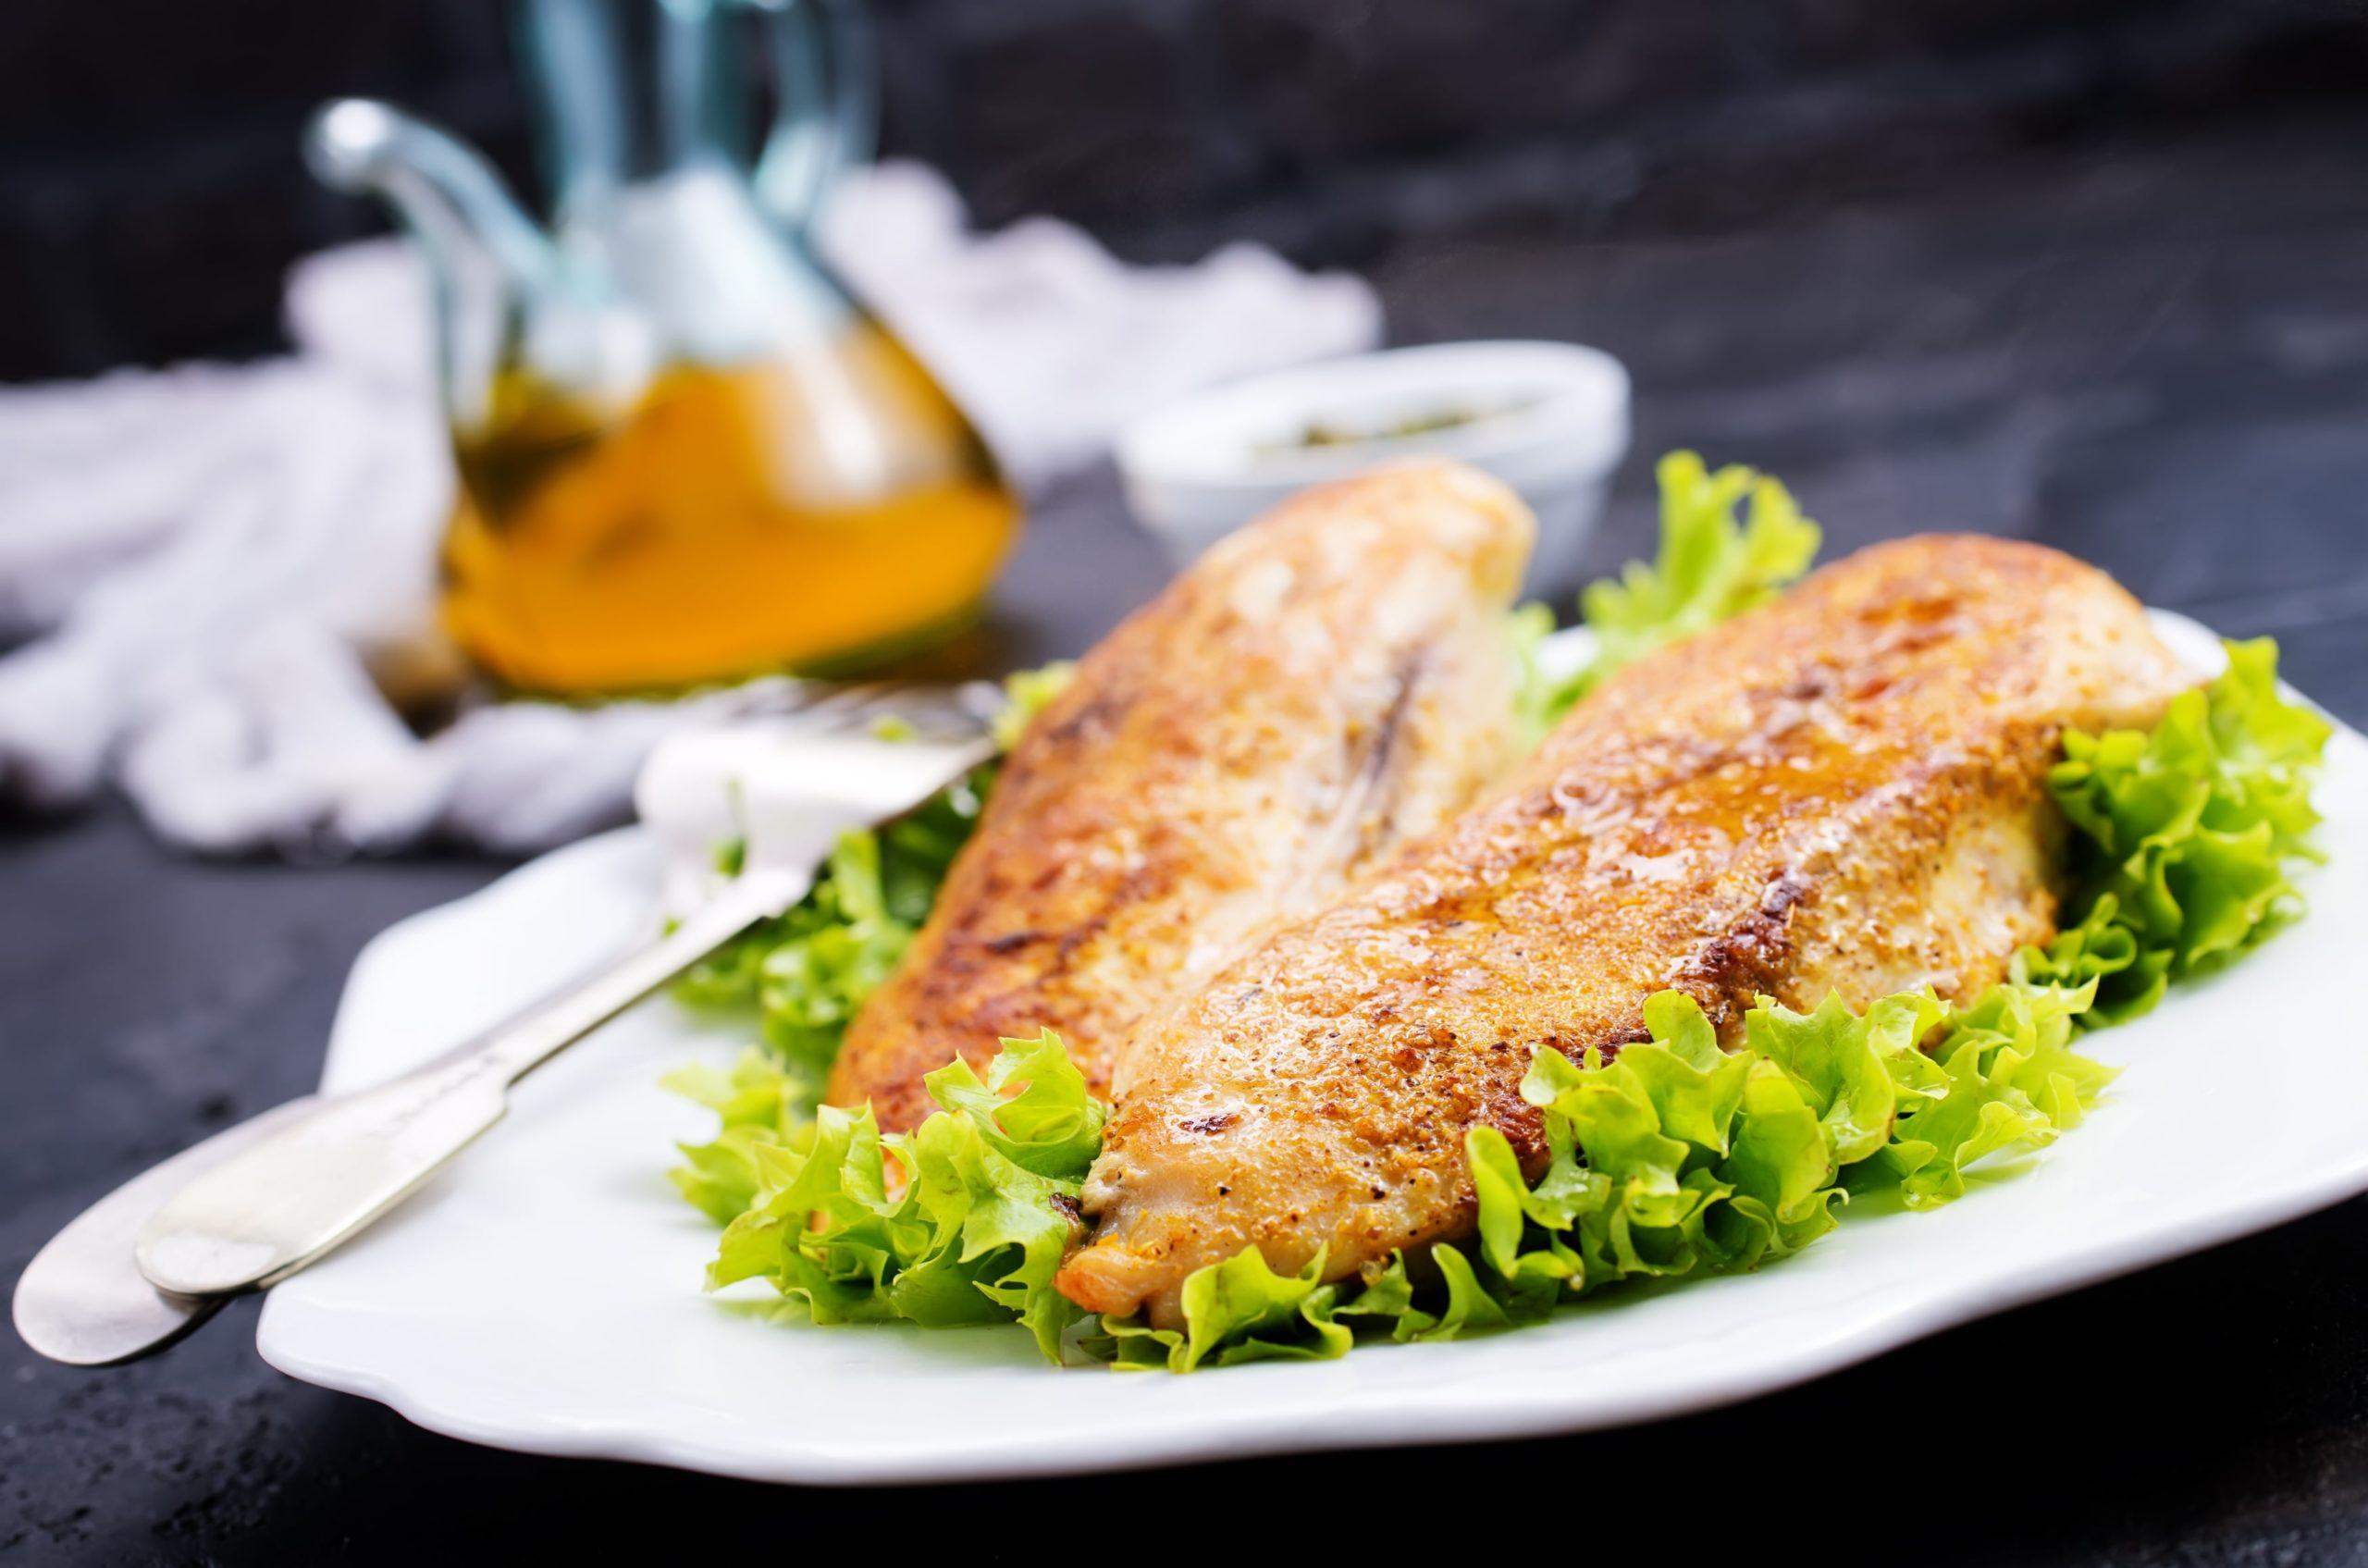 ПП рецепты из куриной грудки. Куриное филе в духовке - здоровый рецепт